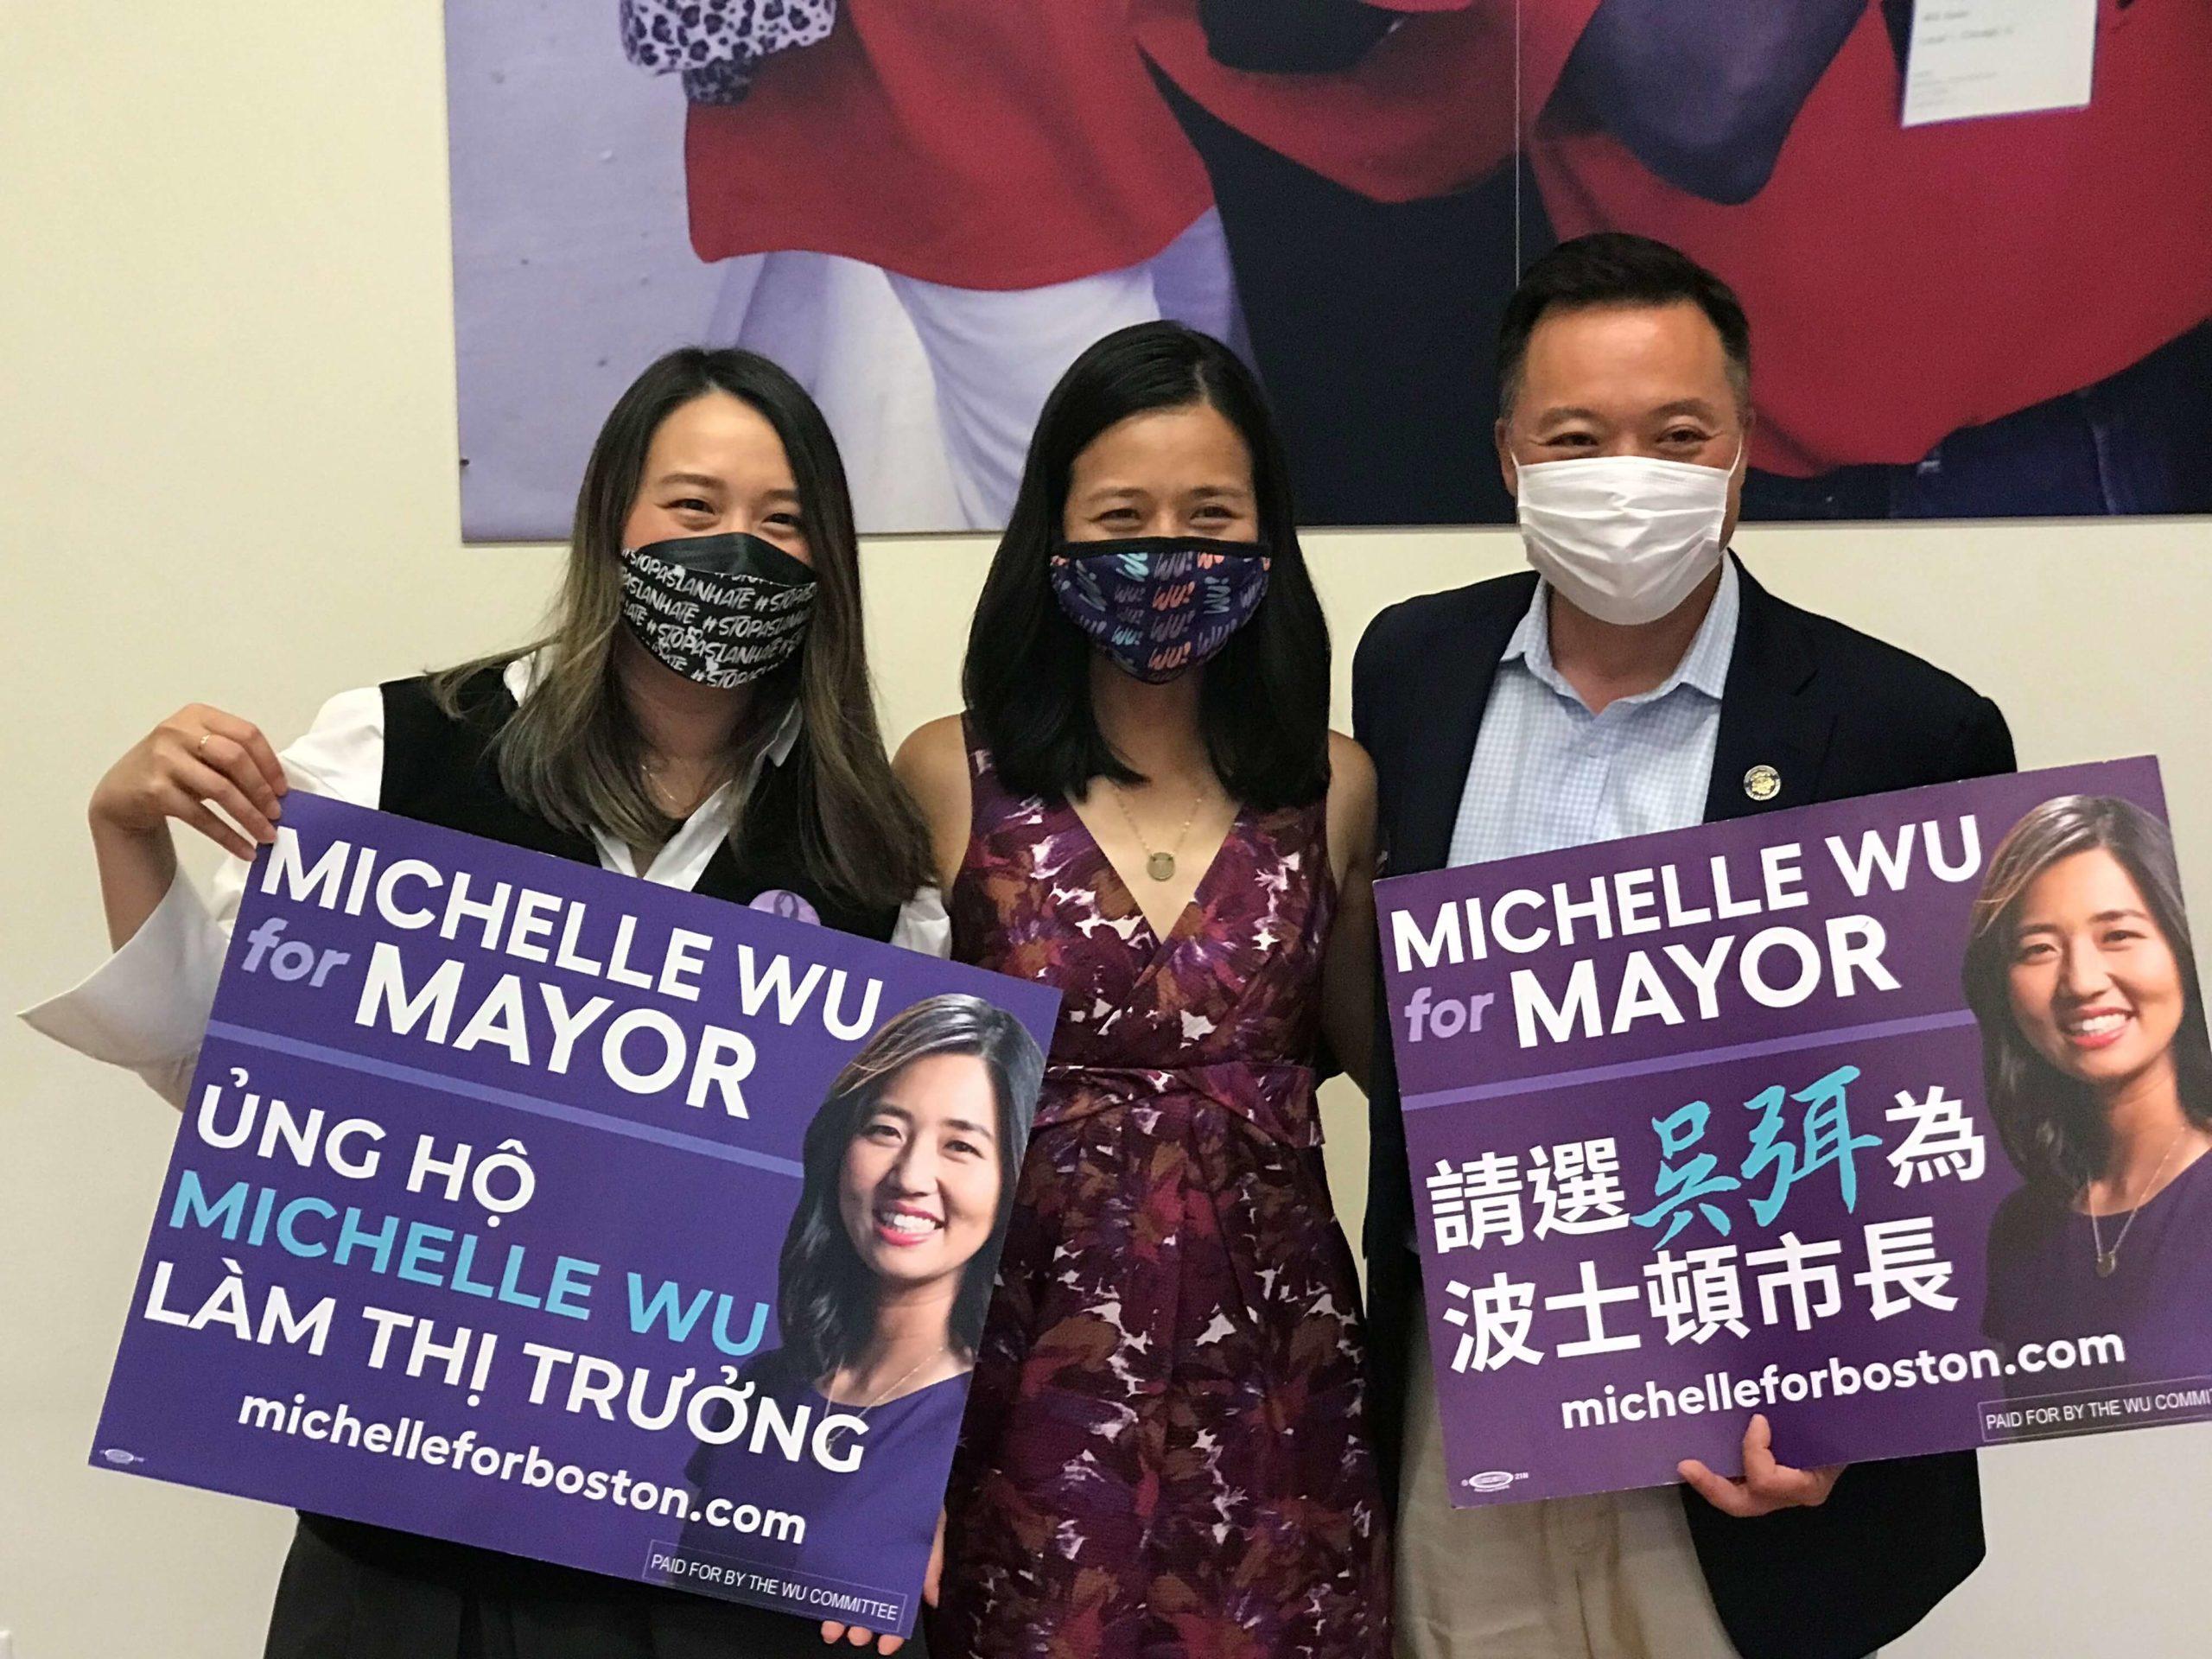 今日正式进入波士顿市长初选  之前各位候选人均作最后努力